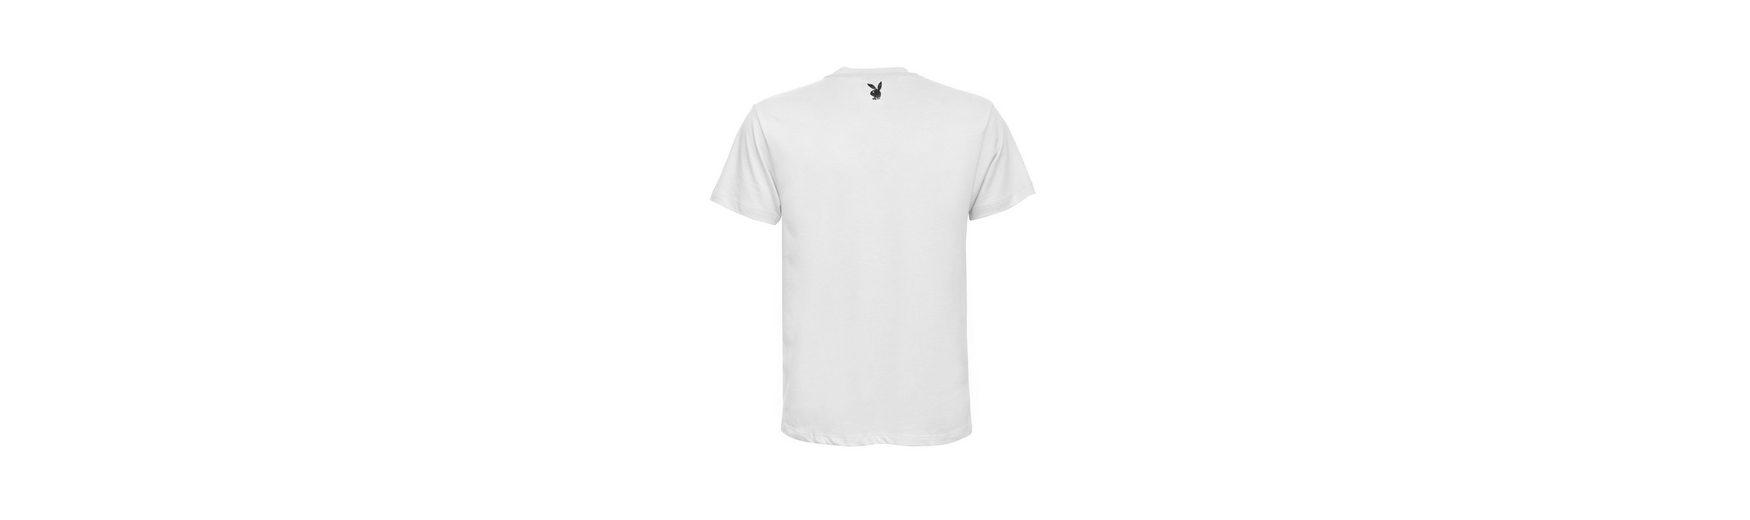 Playboy T-Shirt mit coolem Frontdruck Genießen Professionelle Günstig Online qZcqwRNL